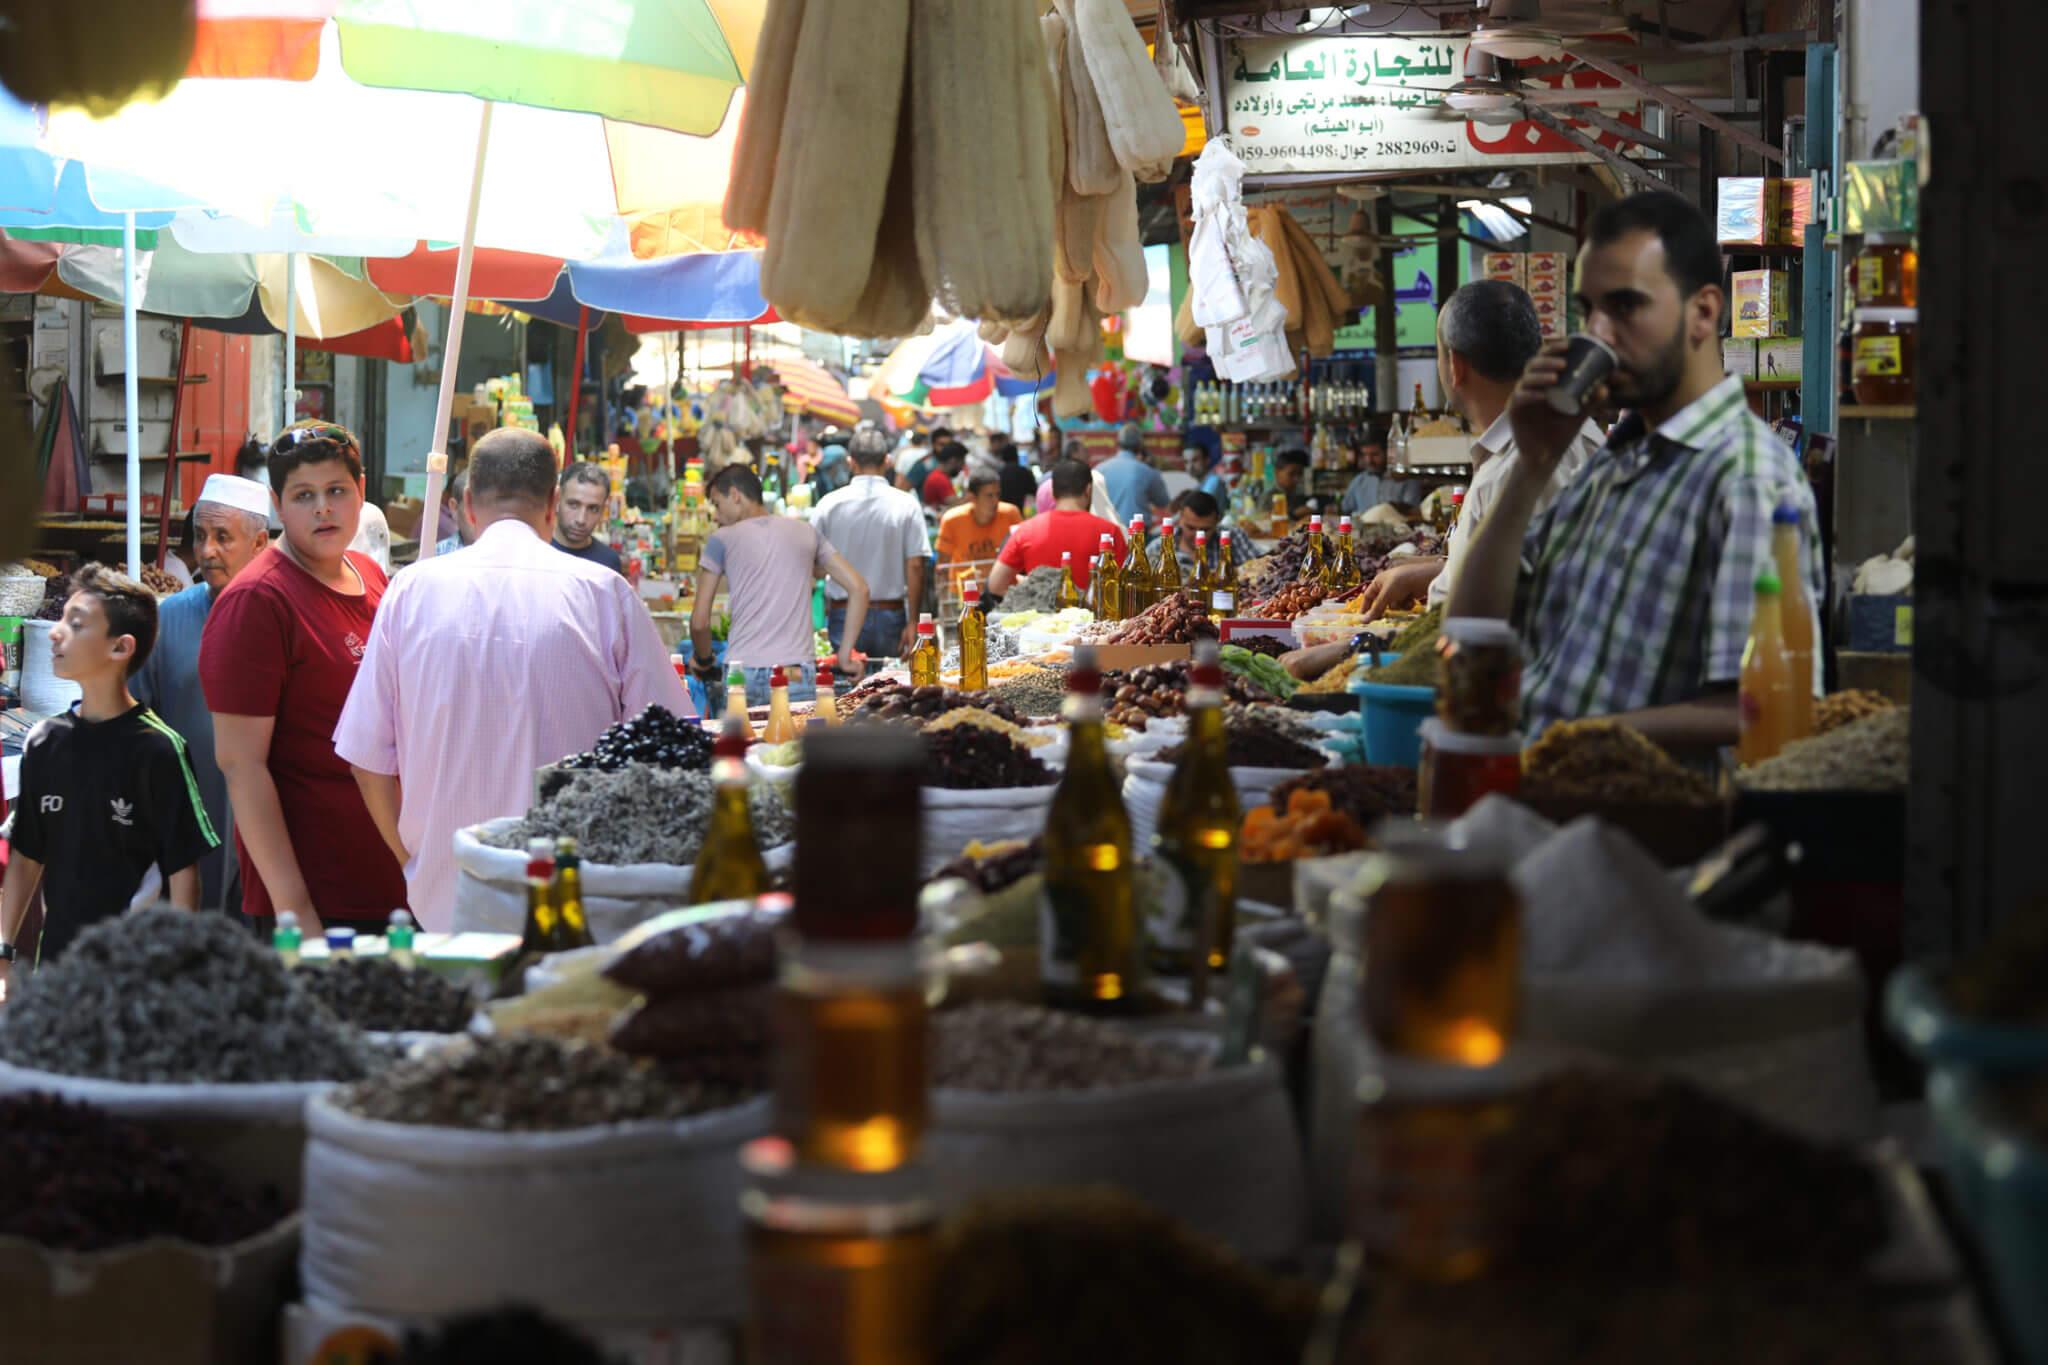 Shoppers in Zawya, Gaza's old traditional street market.